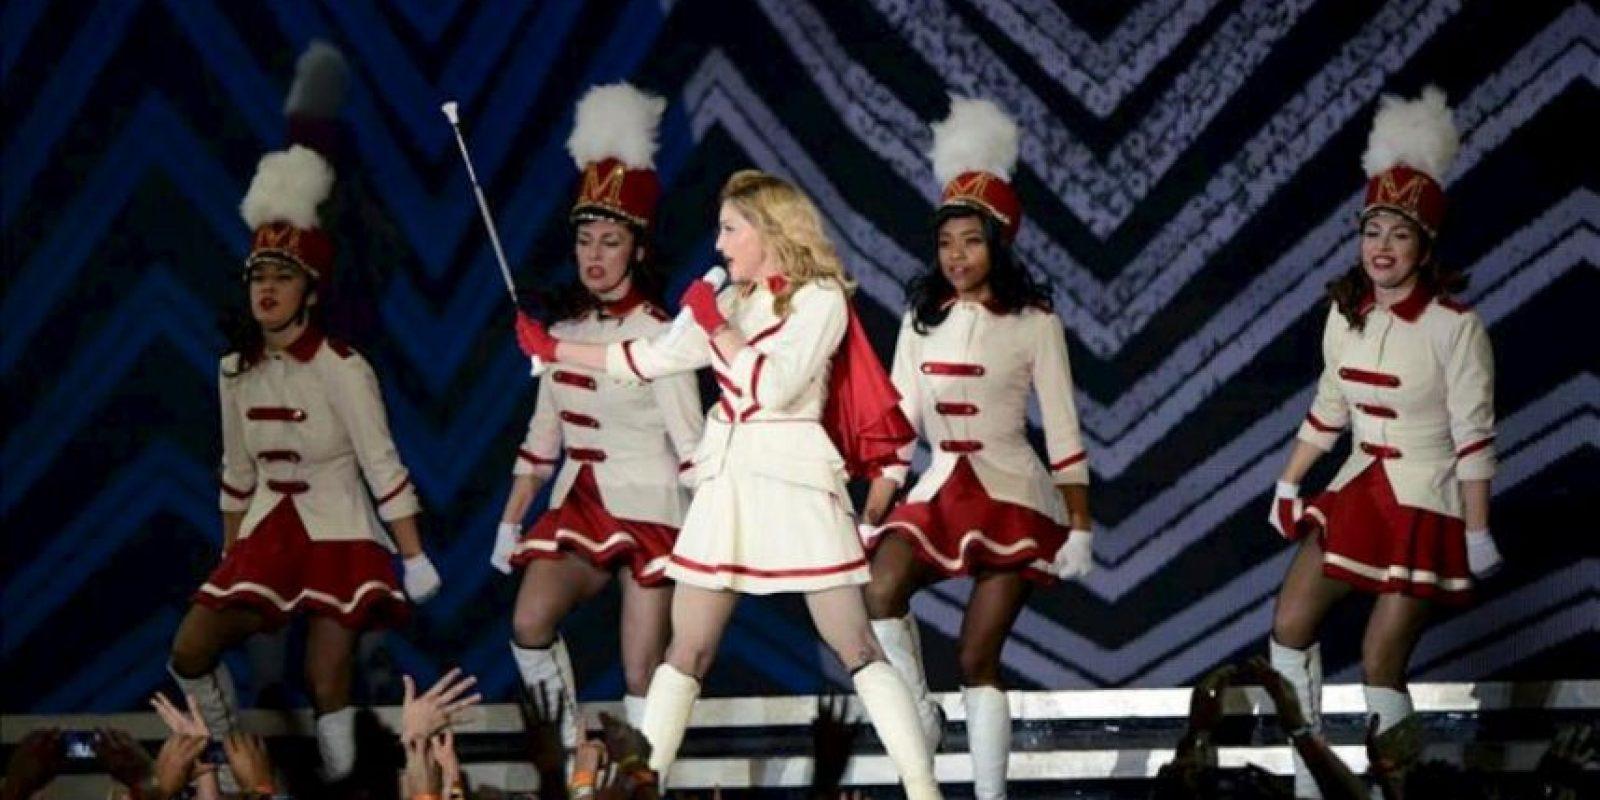 Vista de una actuación de la cantante estadounidense Madonna (c) actúa el pasado domingo 29 de julio durante un concierto en el estadio Ernst Happel en Viena, Austria. EFE/Archivo